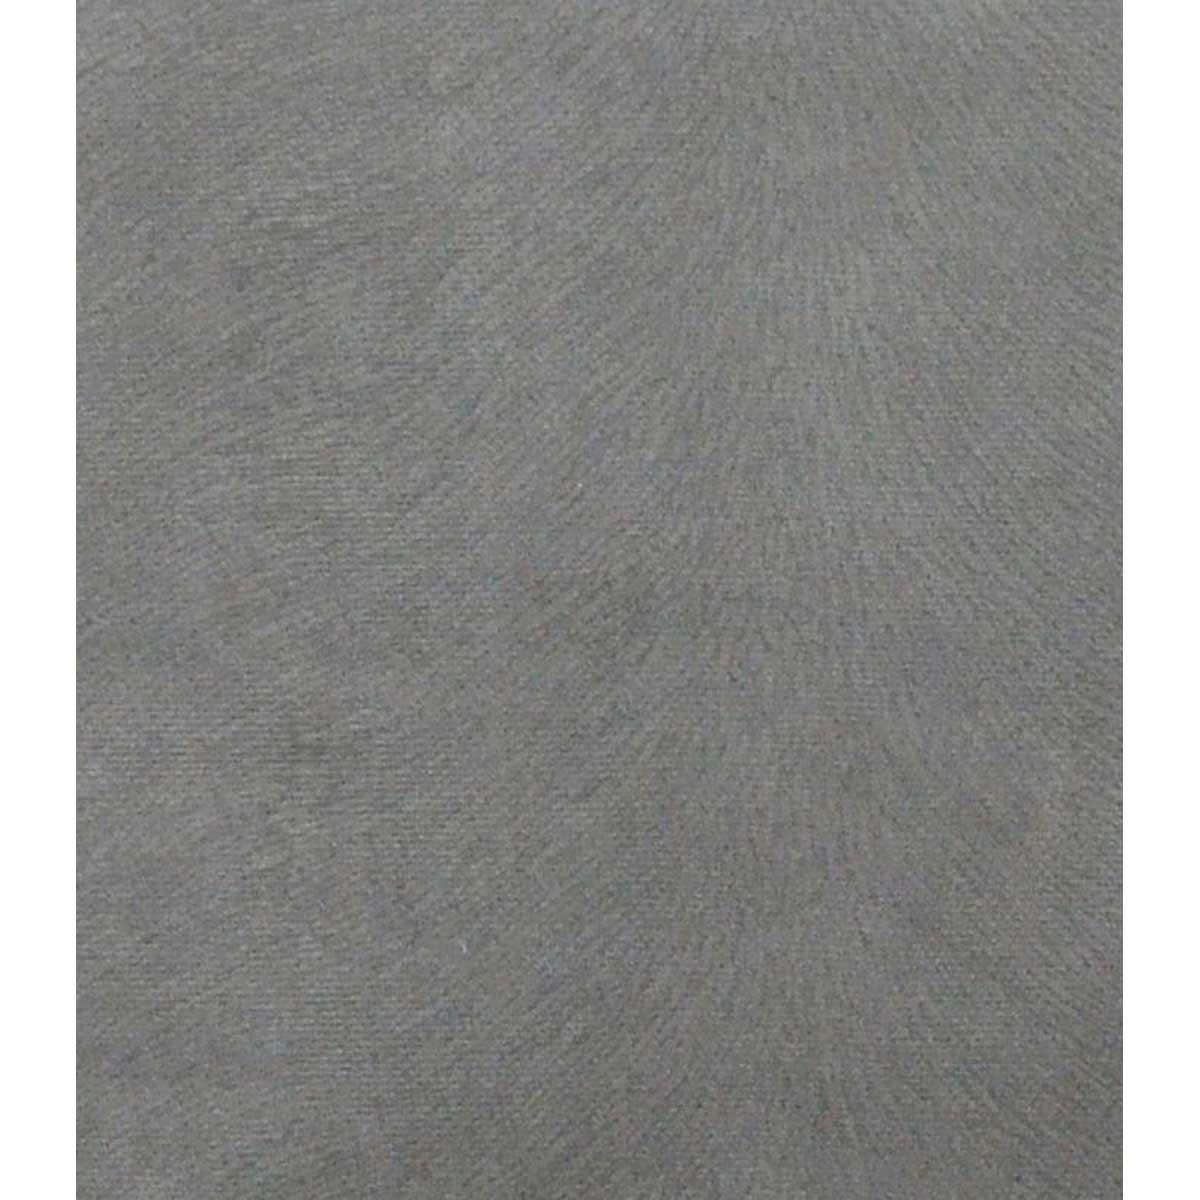 Tissu velours à effet peau d'éléphant - Gris souris - 1.4 m